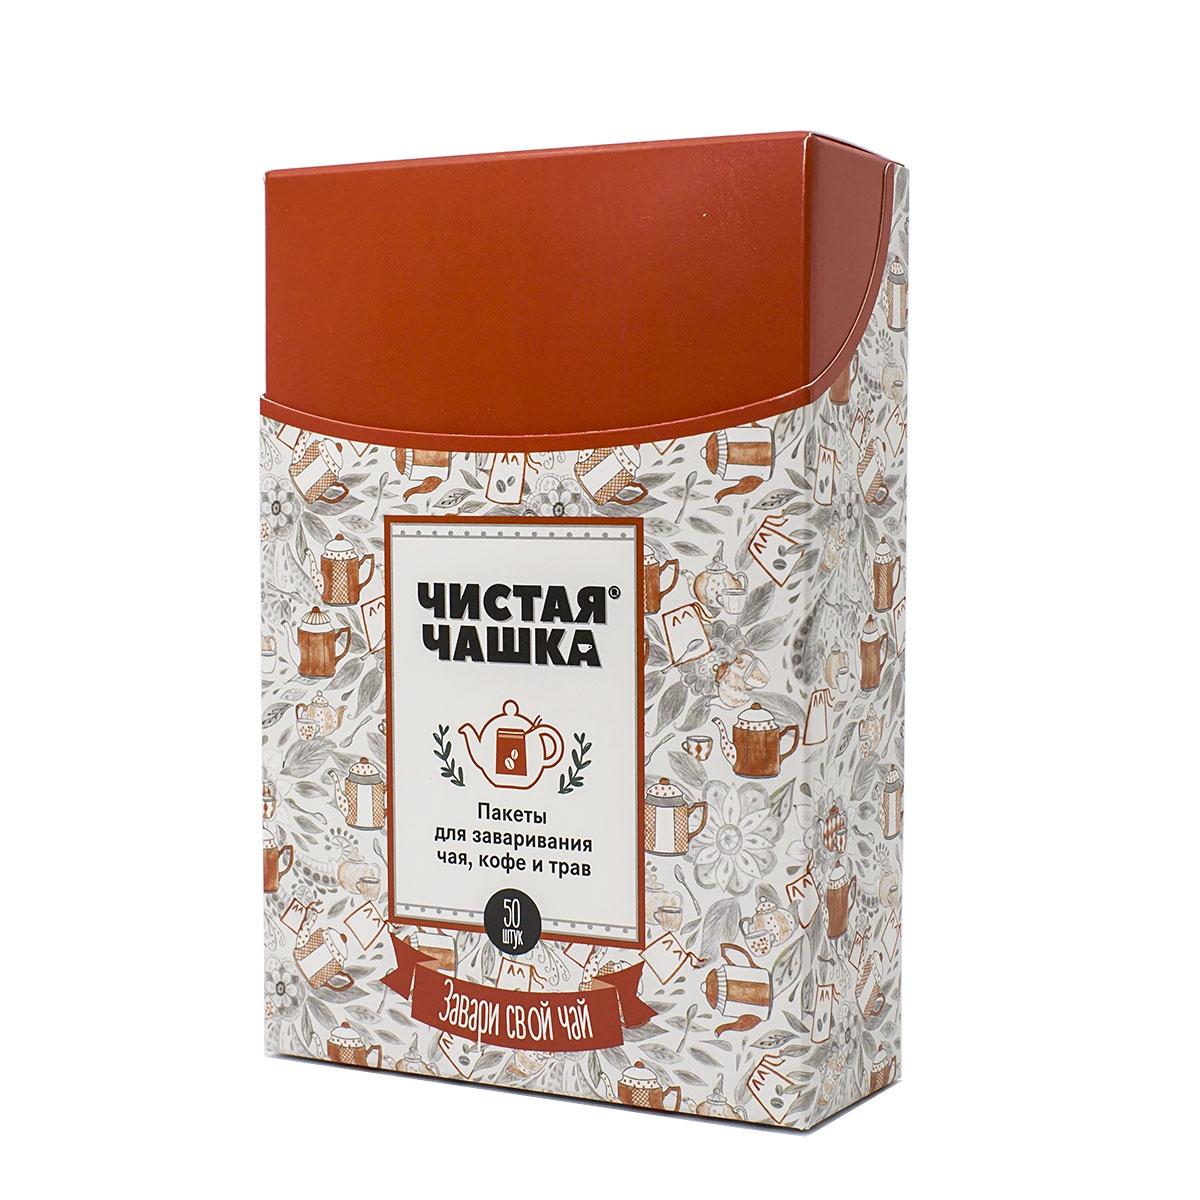 """Фильтр-пакеты для заваривания чая, кофе, трав """"Чистая чашка"""", 10х13, 50 шт  #1"""